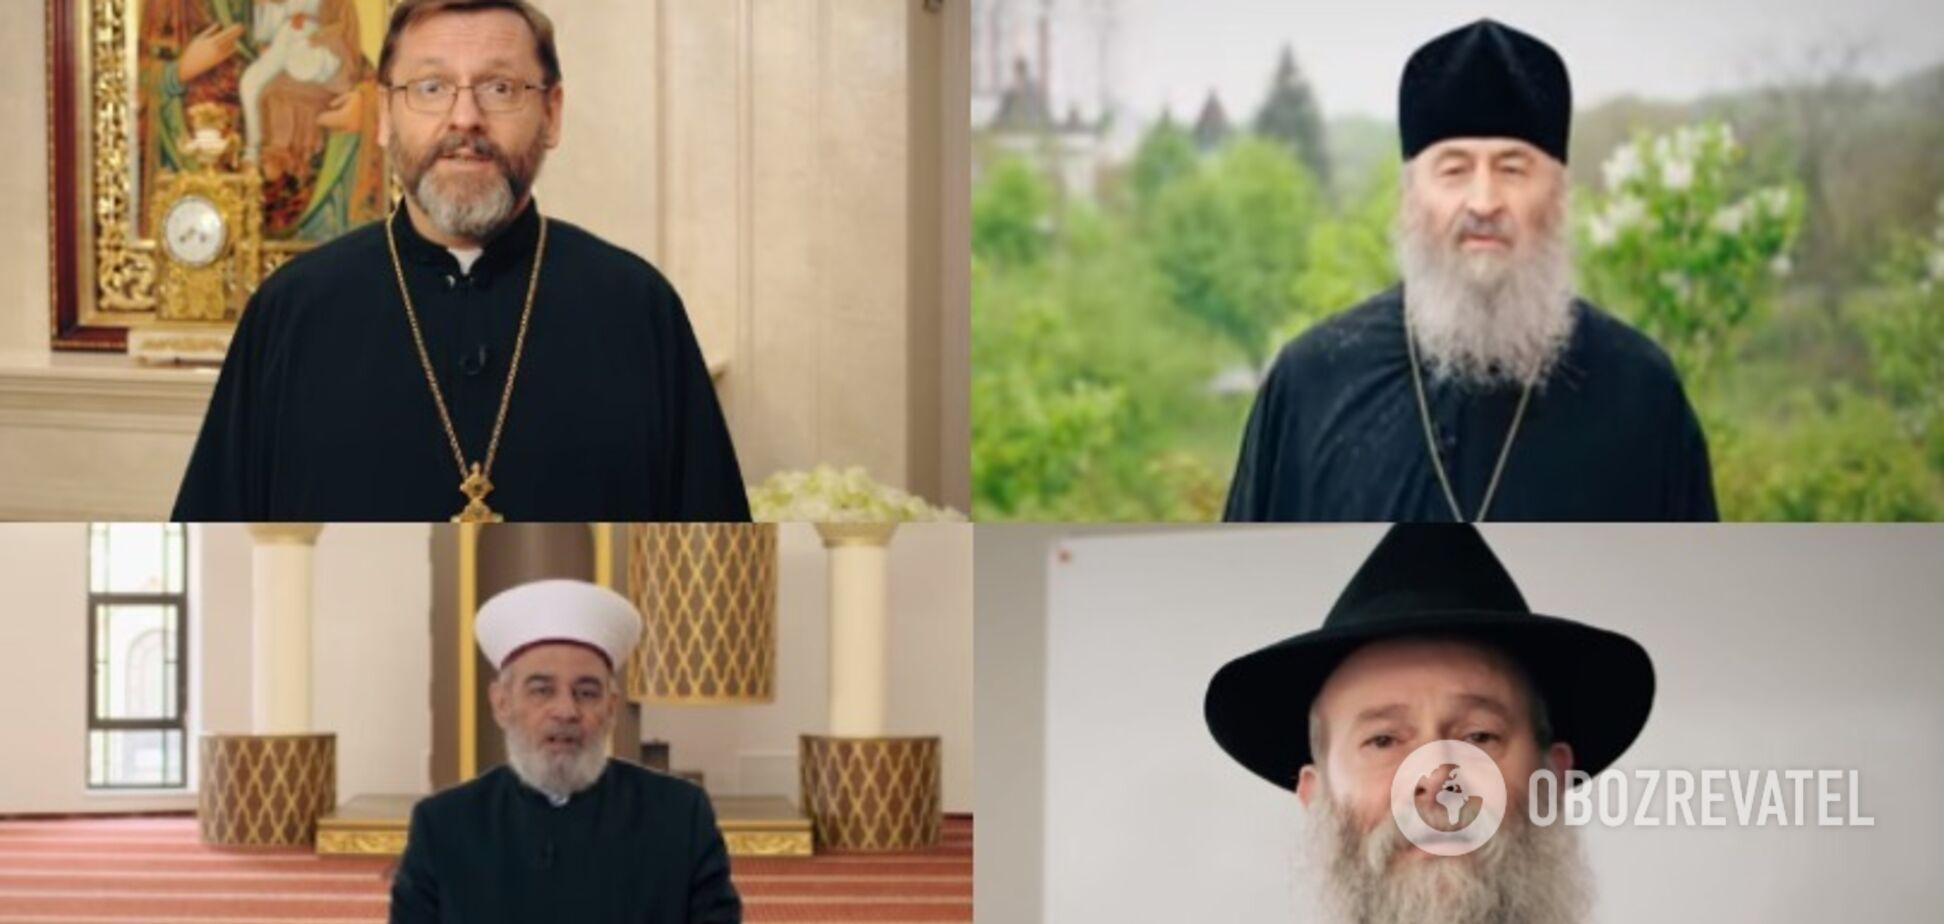 Филарет, Онуфрий, но без Епифания: Зеленский показал религиозное послание украинцам